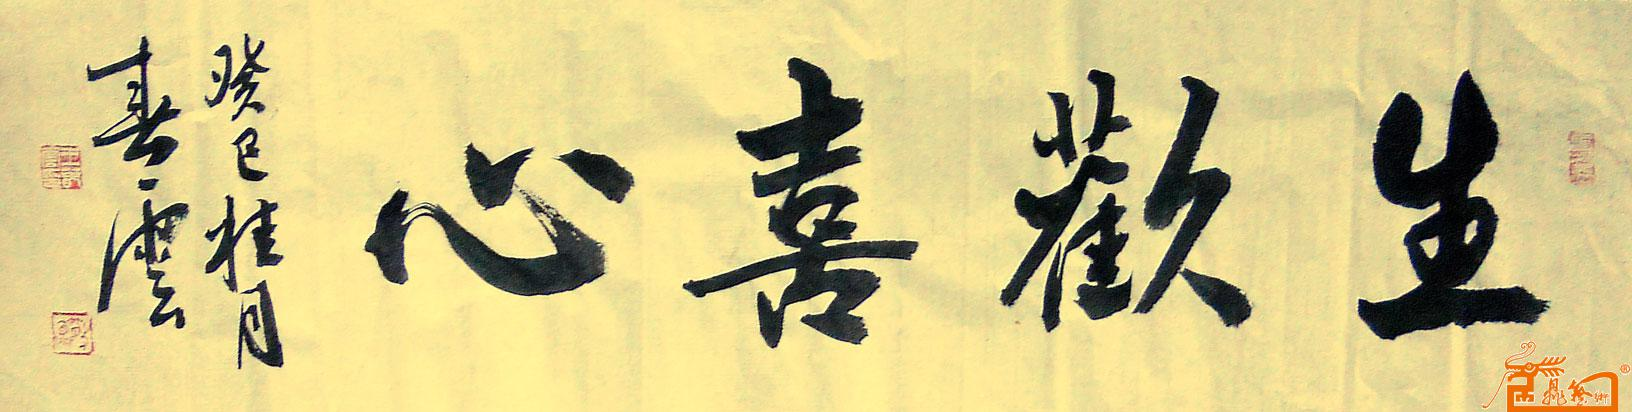 [书法] 王春云纸本四尺横幅行楷生欢喜心   评价:妙品   编号:0图片